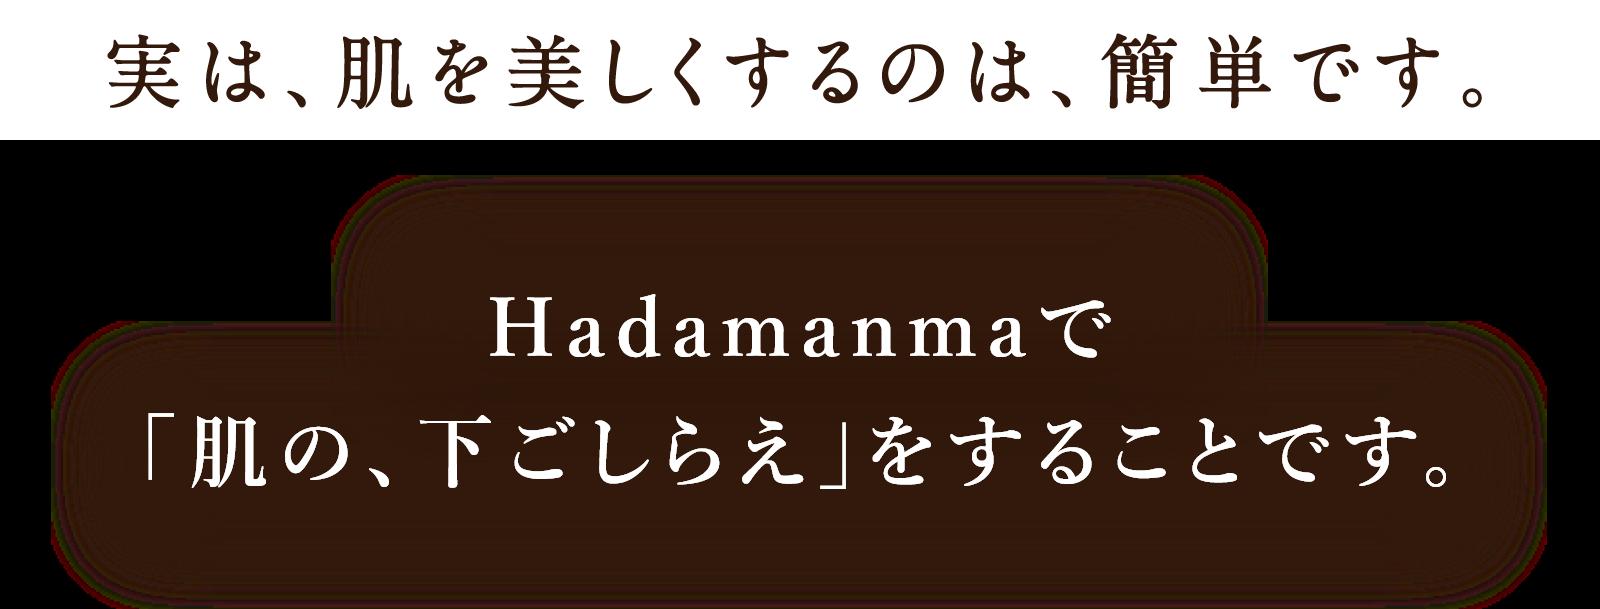 実は、肌を美しくするのは、簡単です。Hadamanmaで「肌の、下ごしらえ」をすることです。